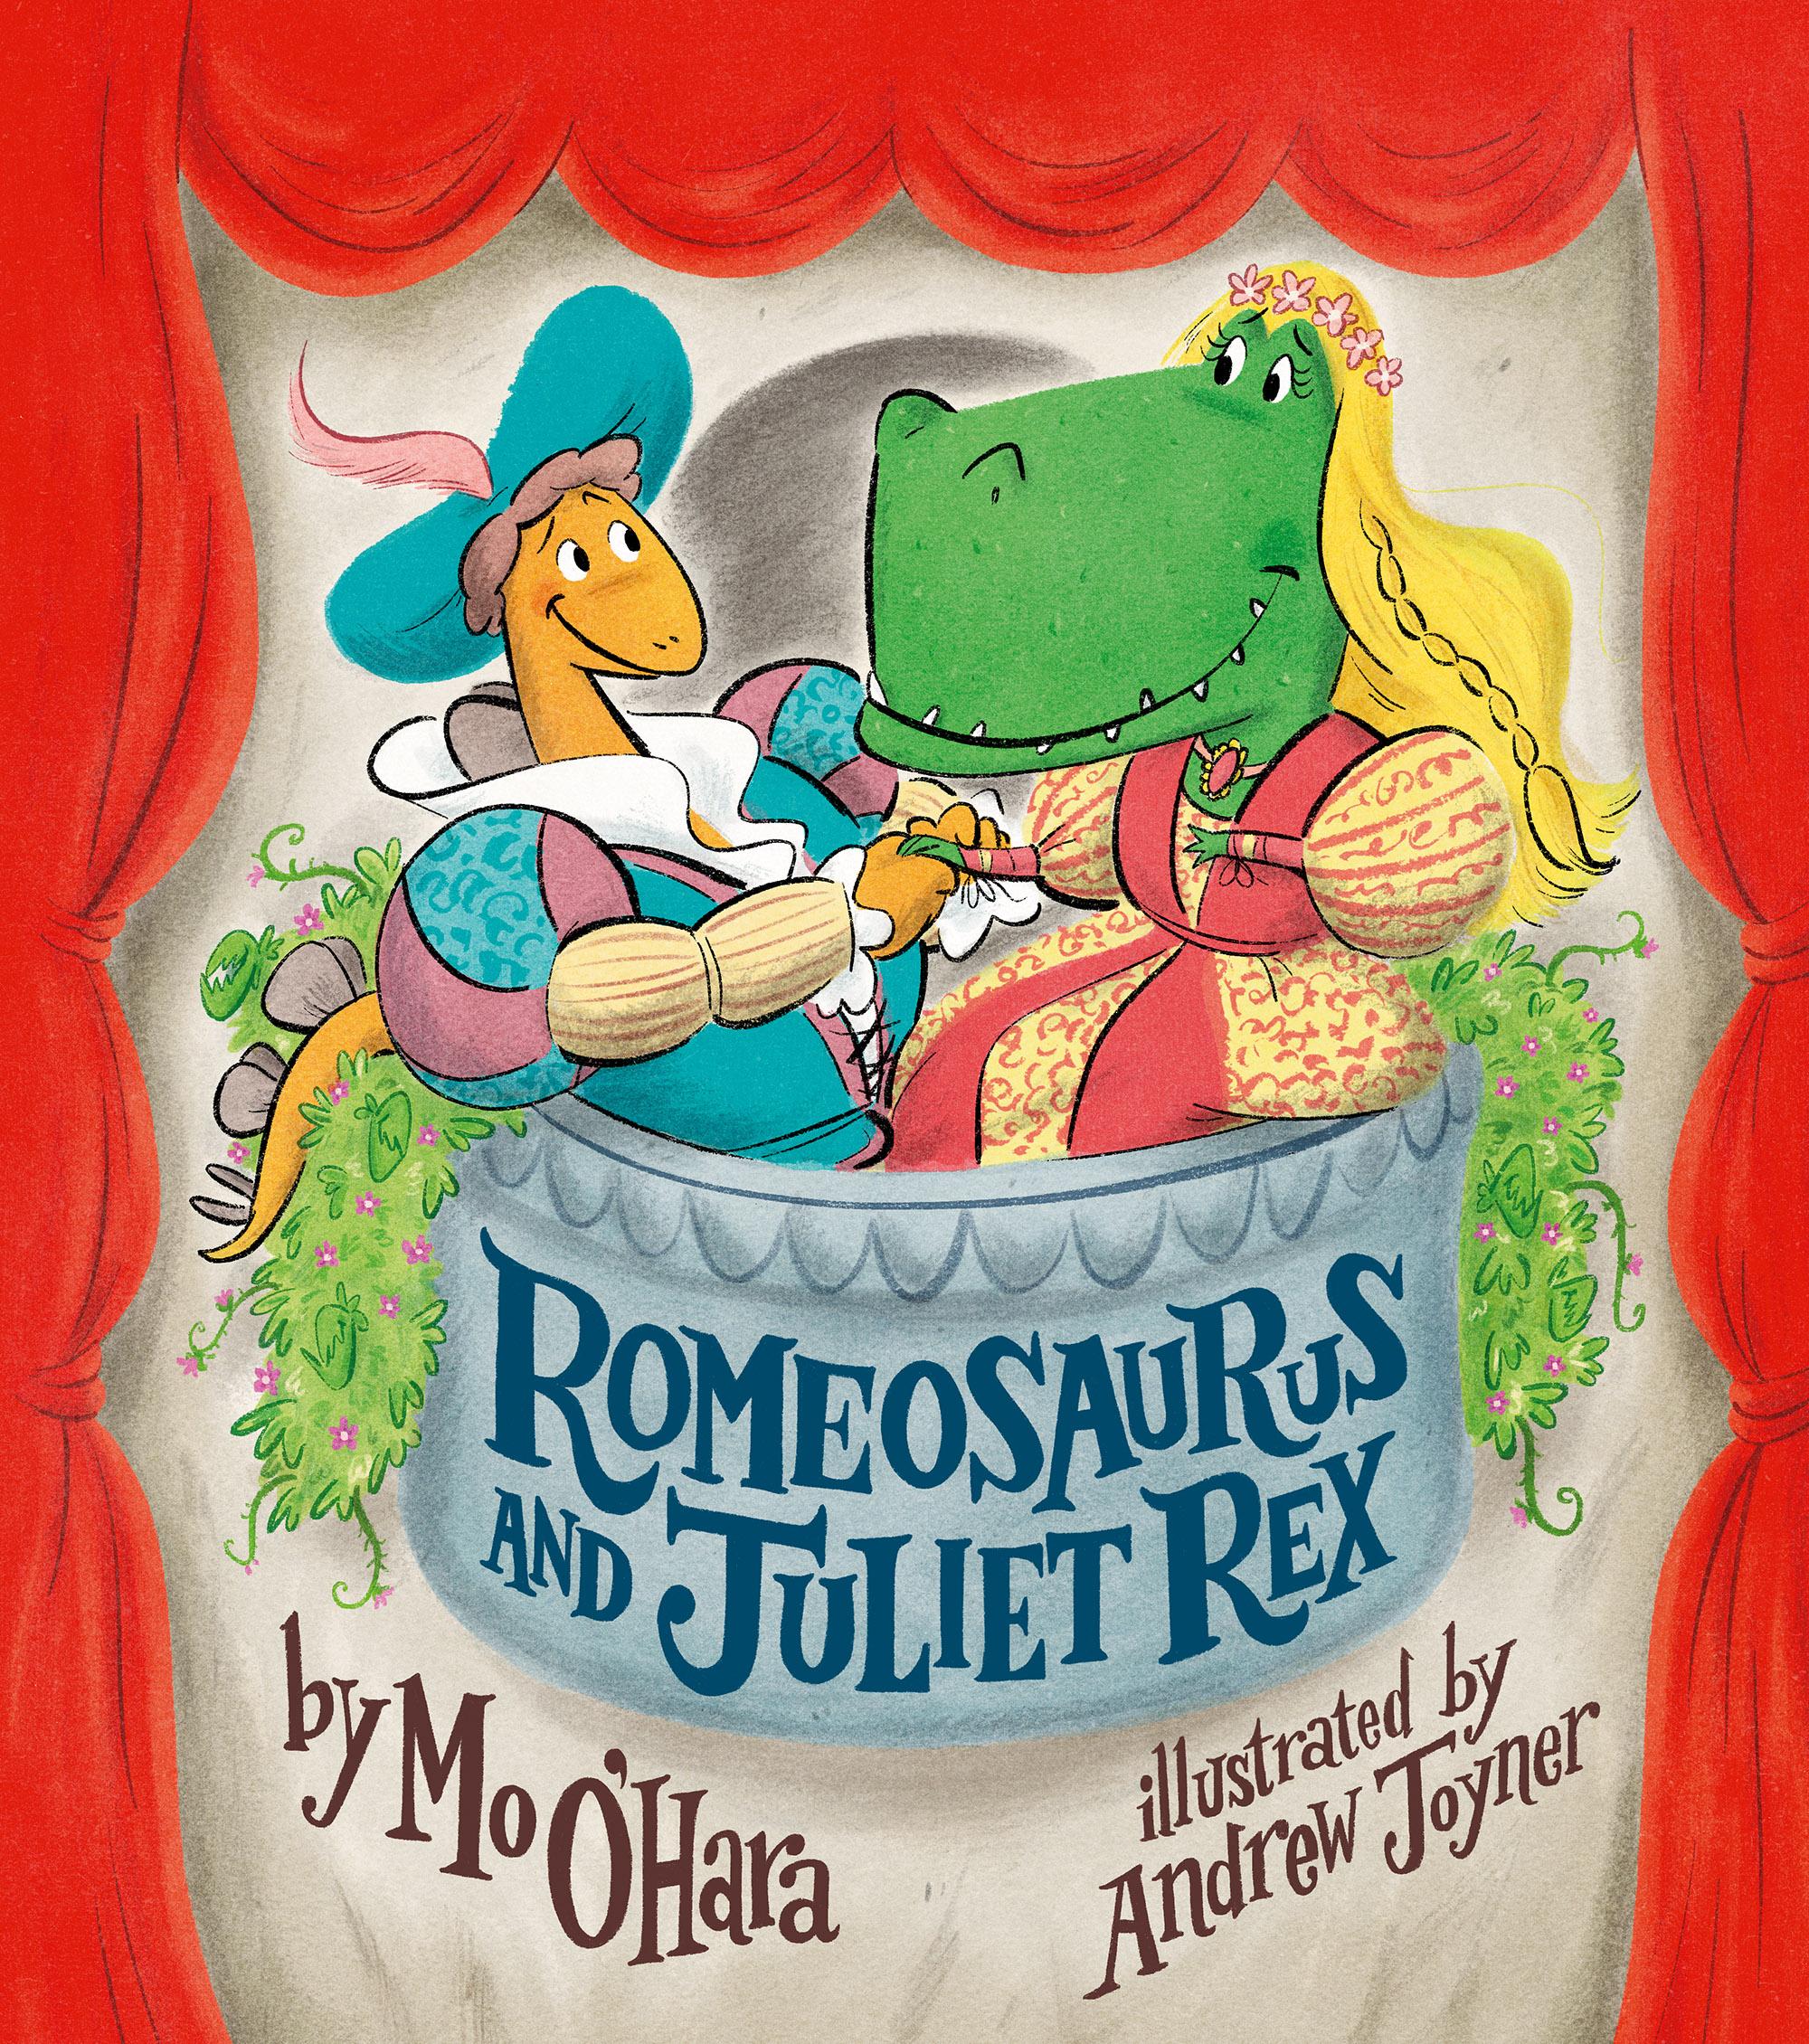 Romeosaurus and juliet rex  by mo o'hara